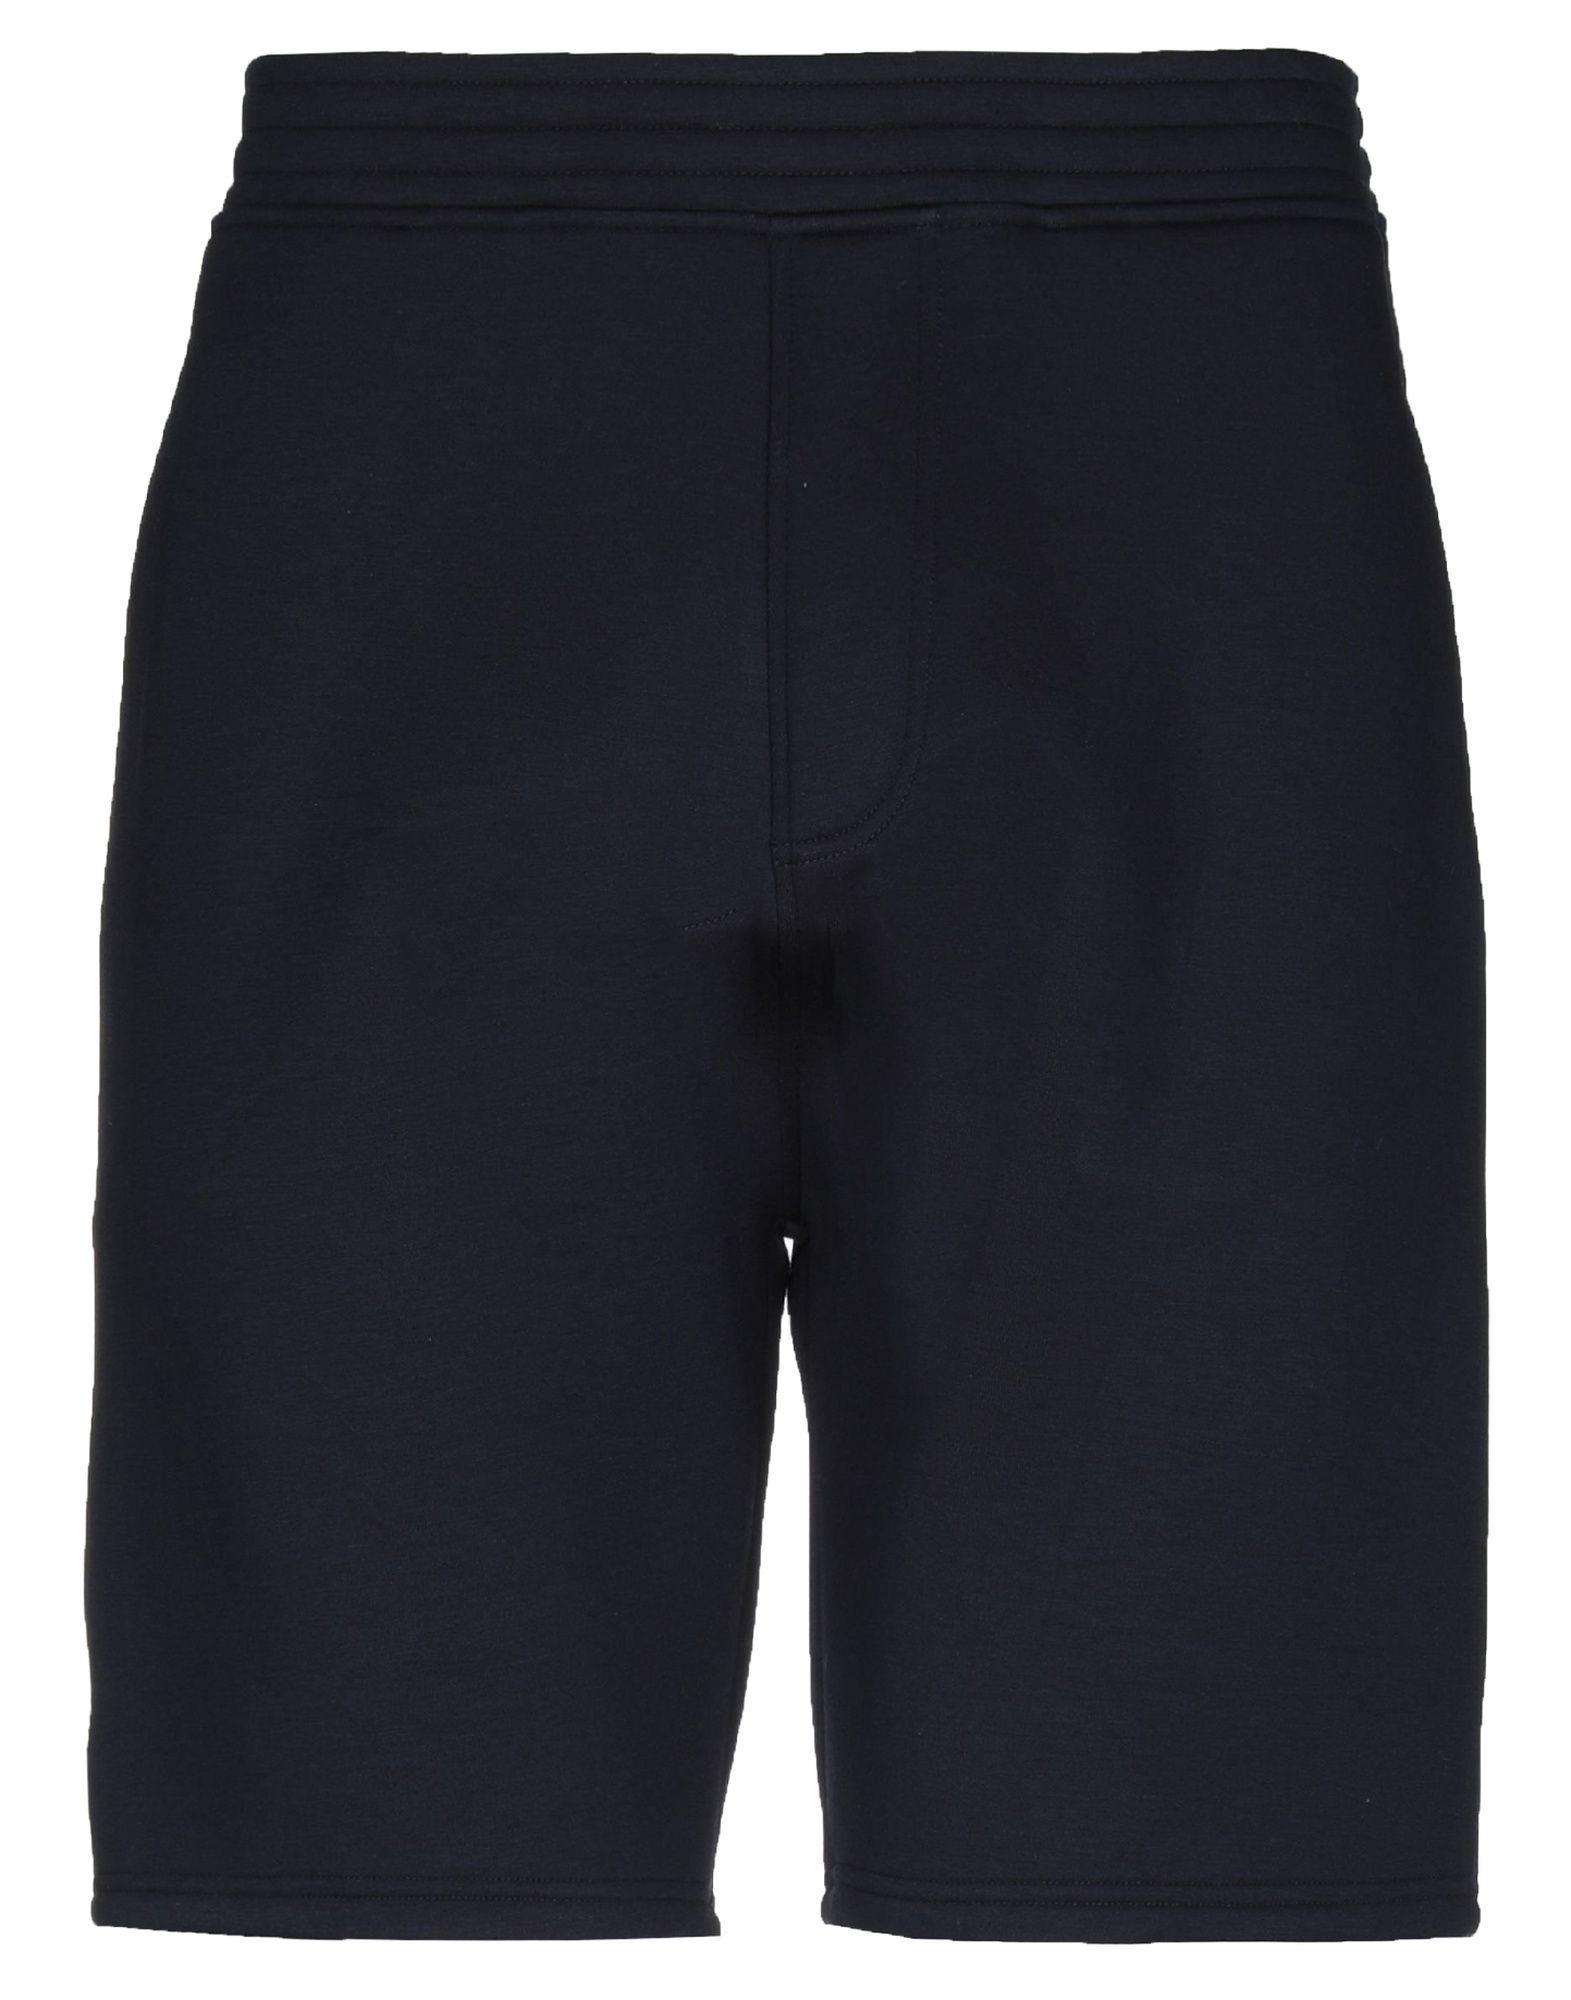 Shorts & Bermuda Neil Barrett herren - 13288050SX